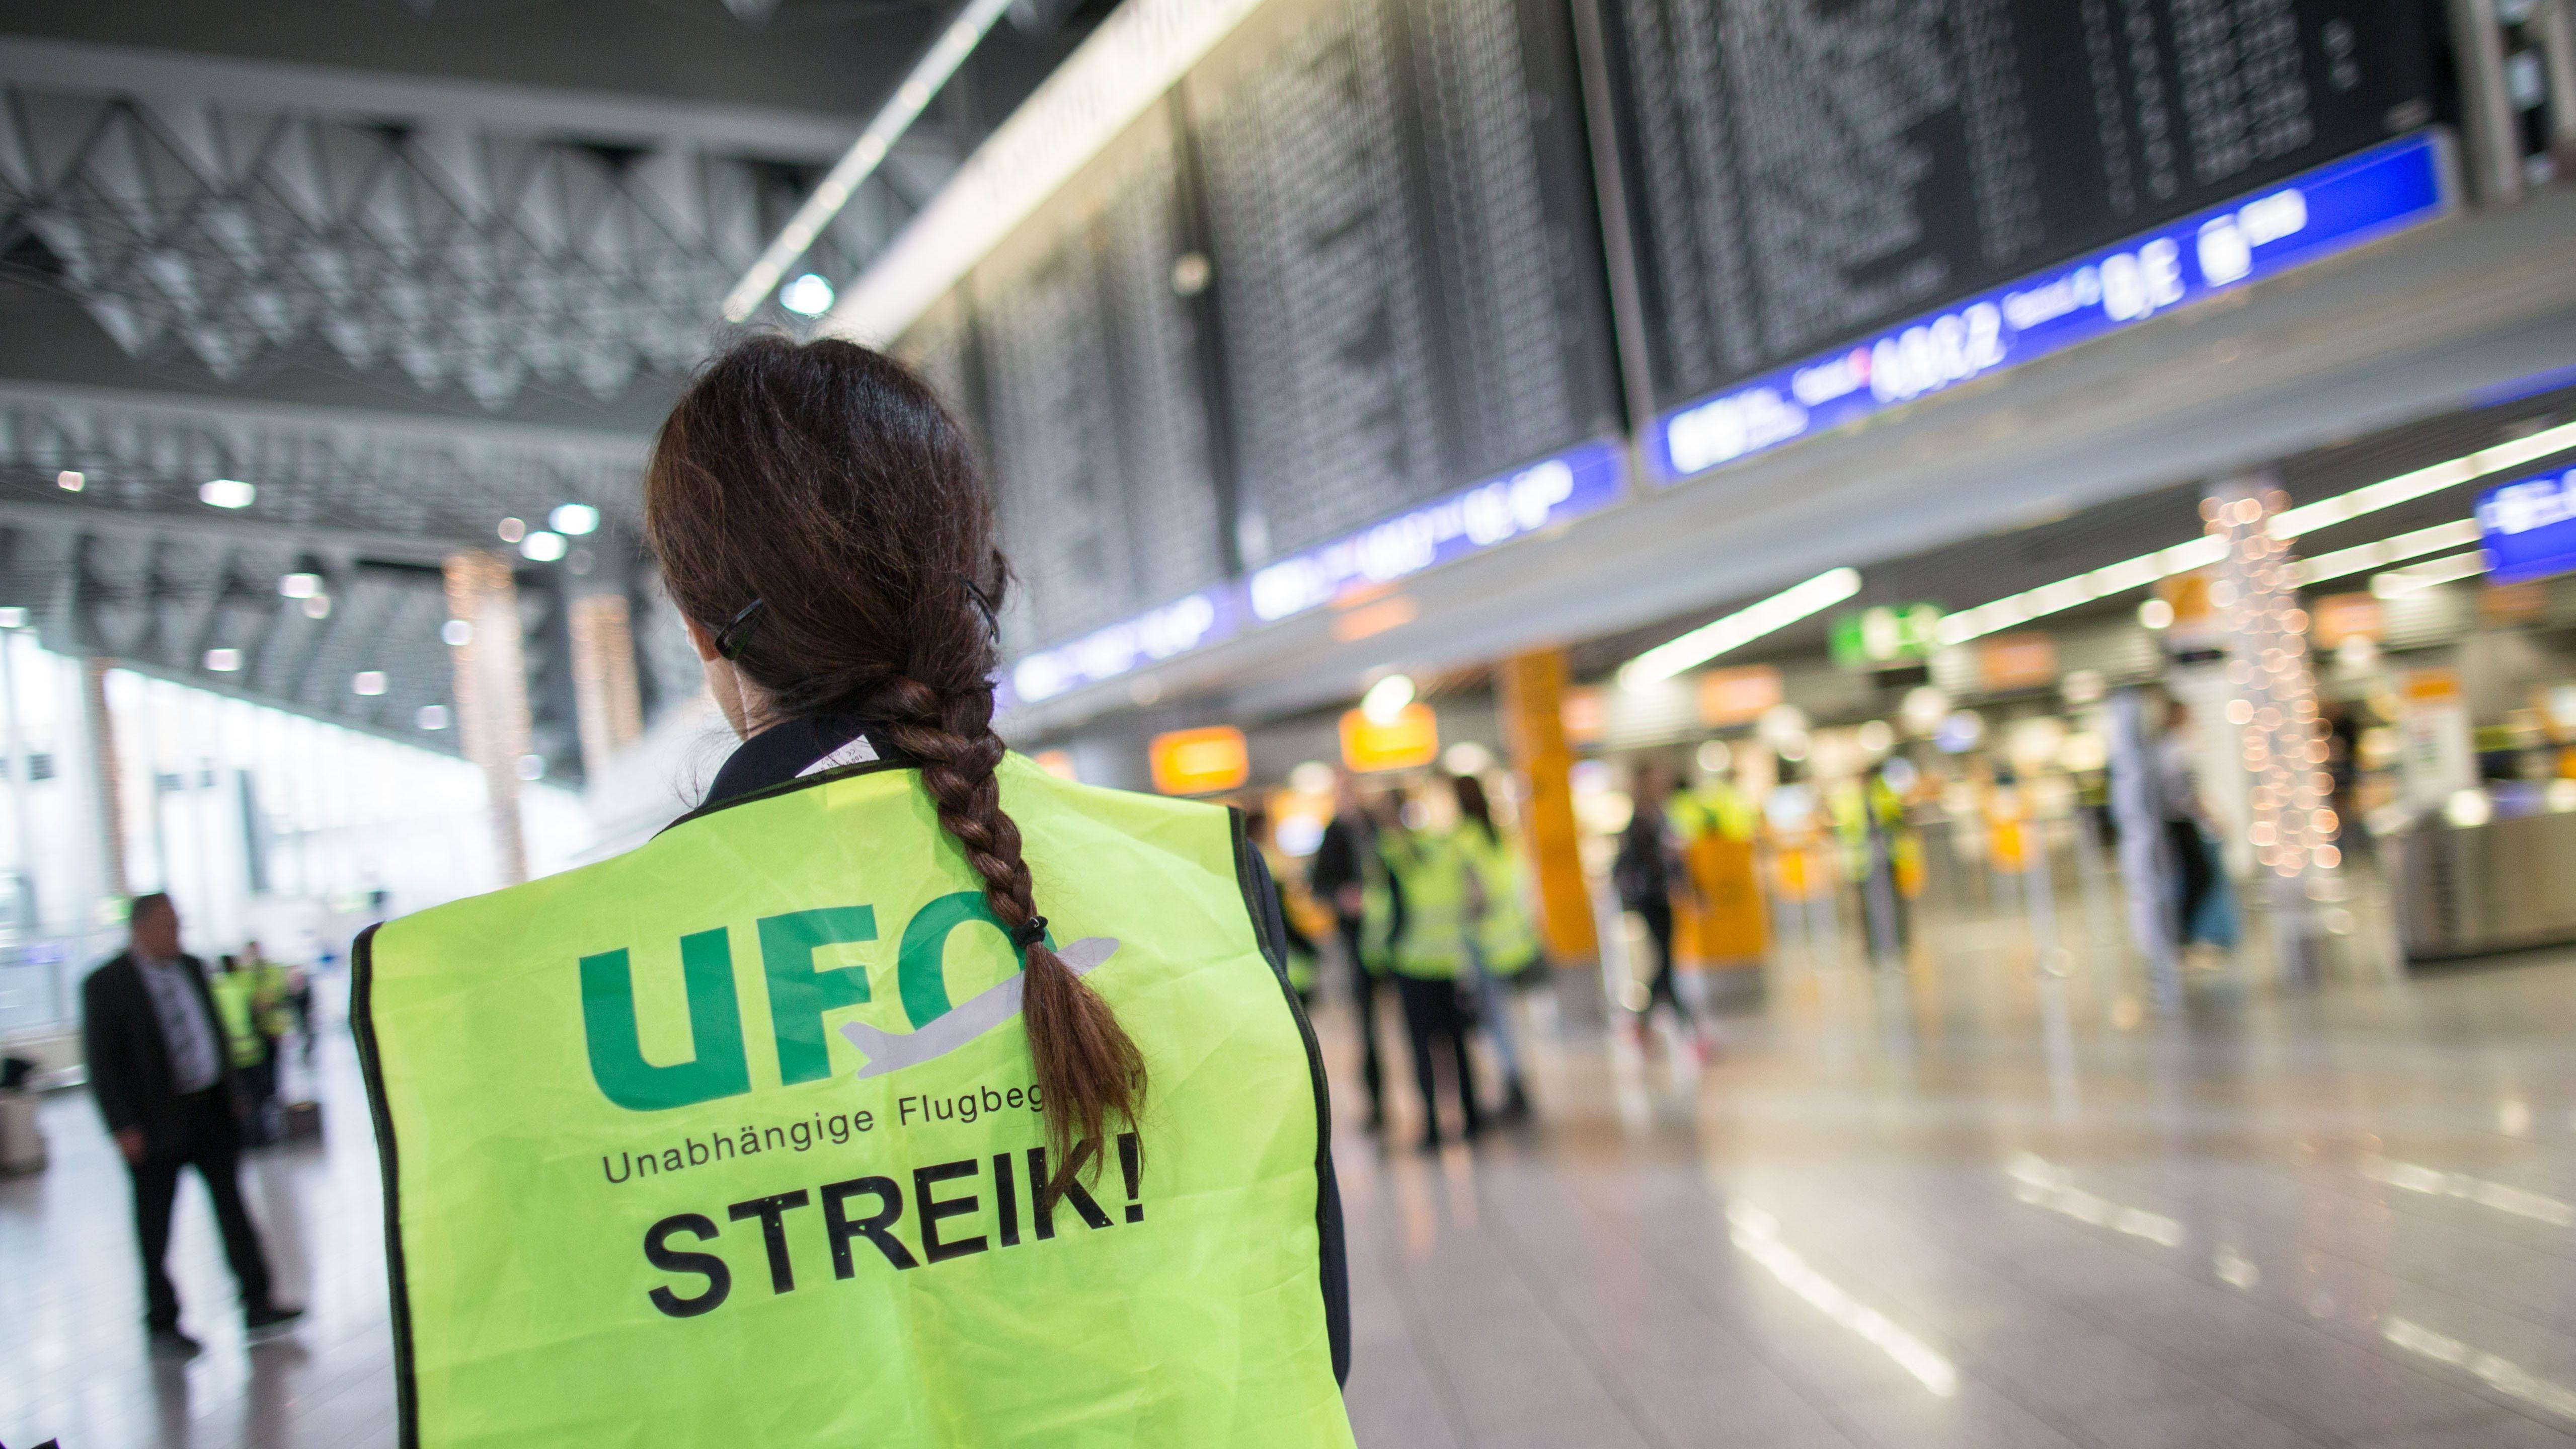 Die Gewerkschaft UFO hat die Kabinenbesatzung mehrerer Lufthansa-Töchter am Sonntag zum Streik aufgerufen.